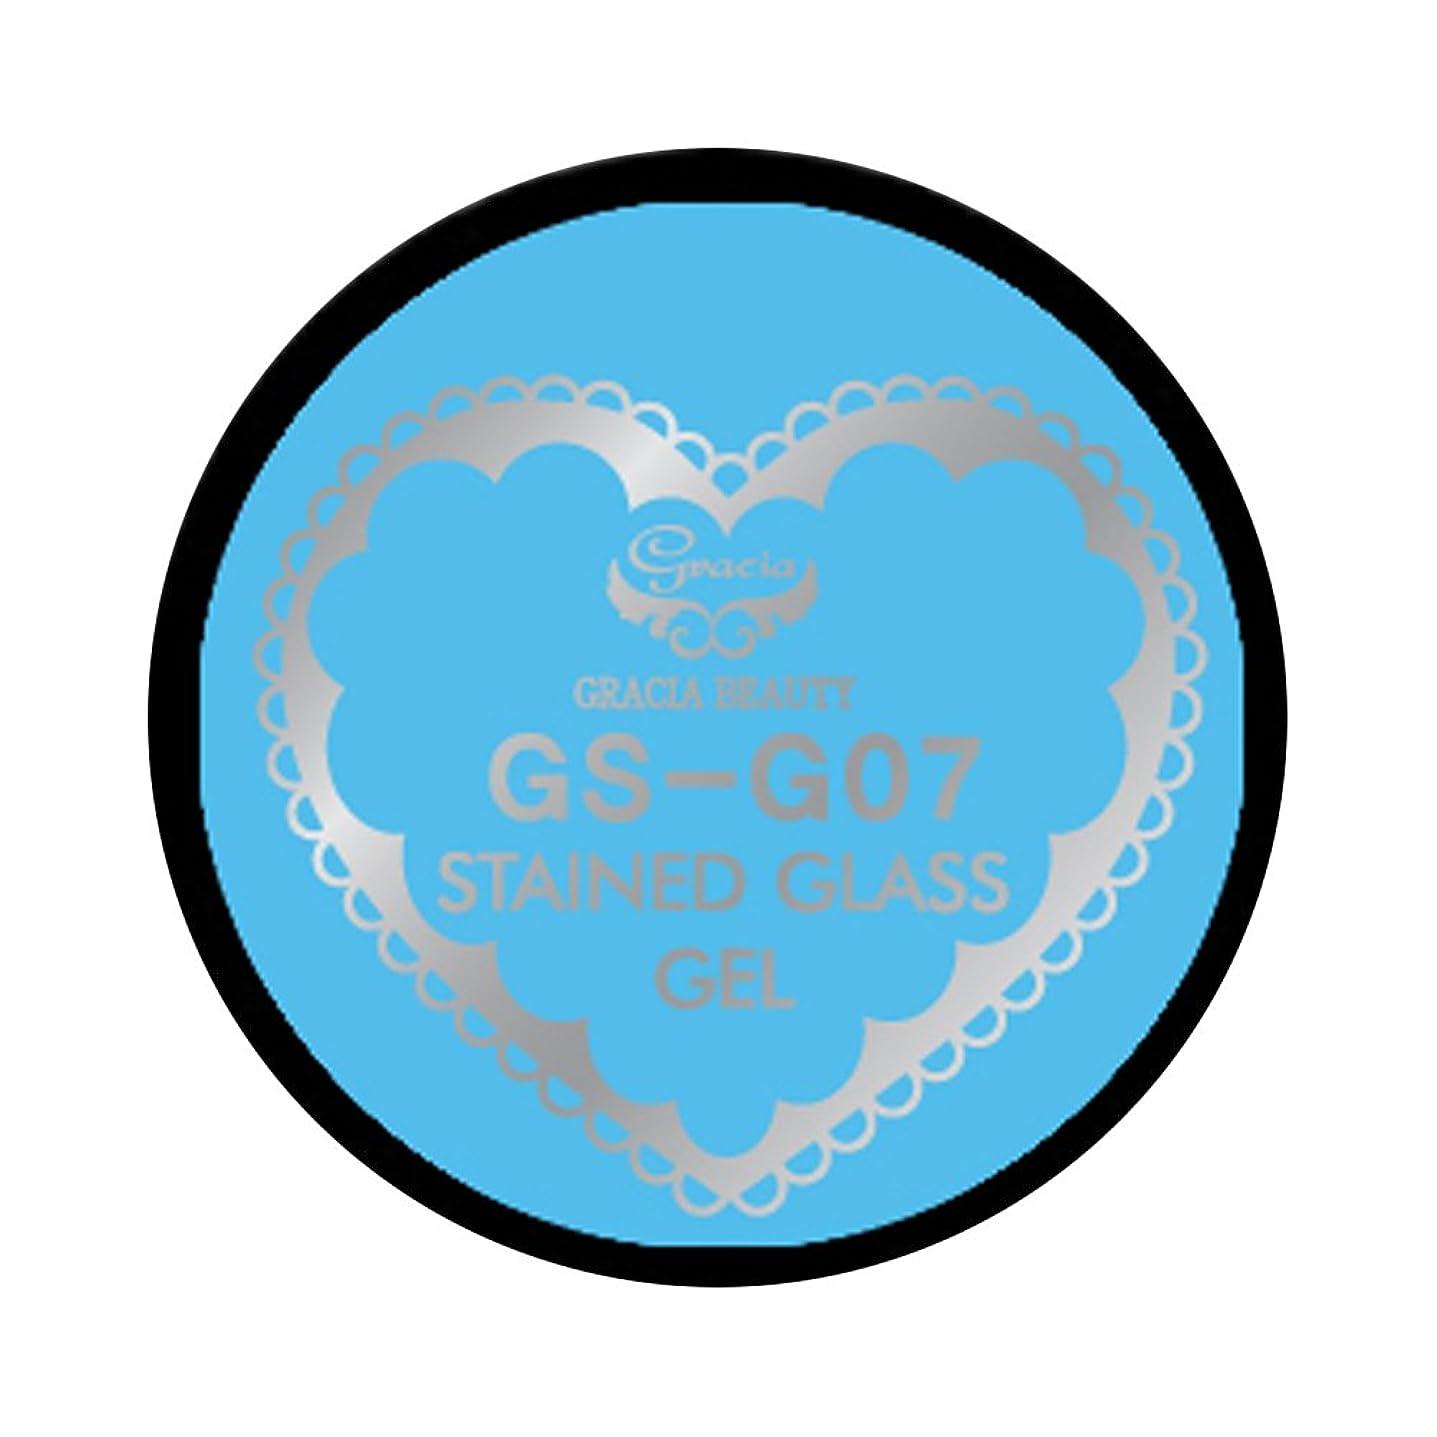 仮称楽しませるチーフグラシア ジェルネイル ステンドグラスジェル GSM-G07 3g  グリッター UV/LED対応 カラージェル ソークオフジェル ガラスのような透明感